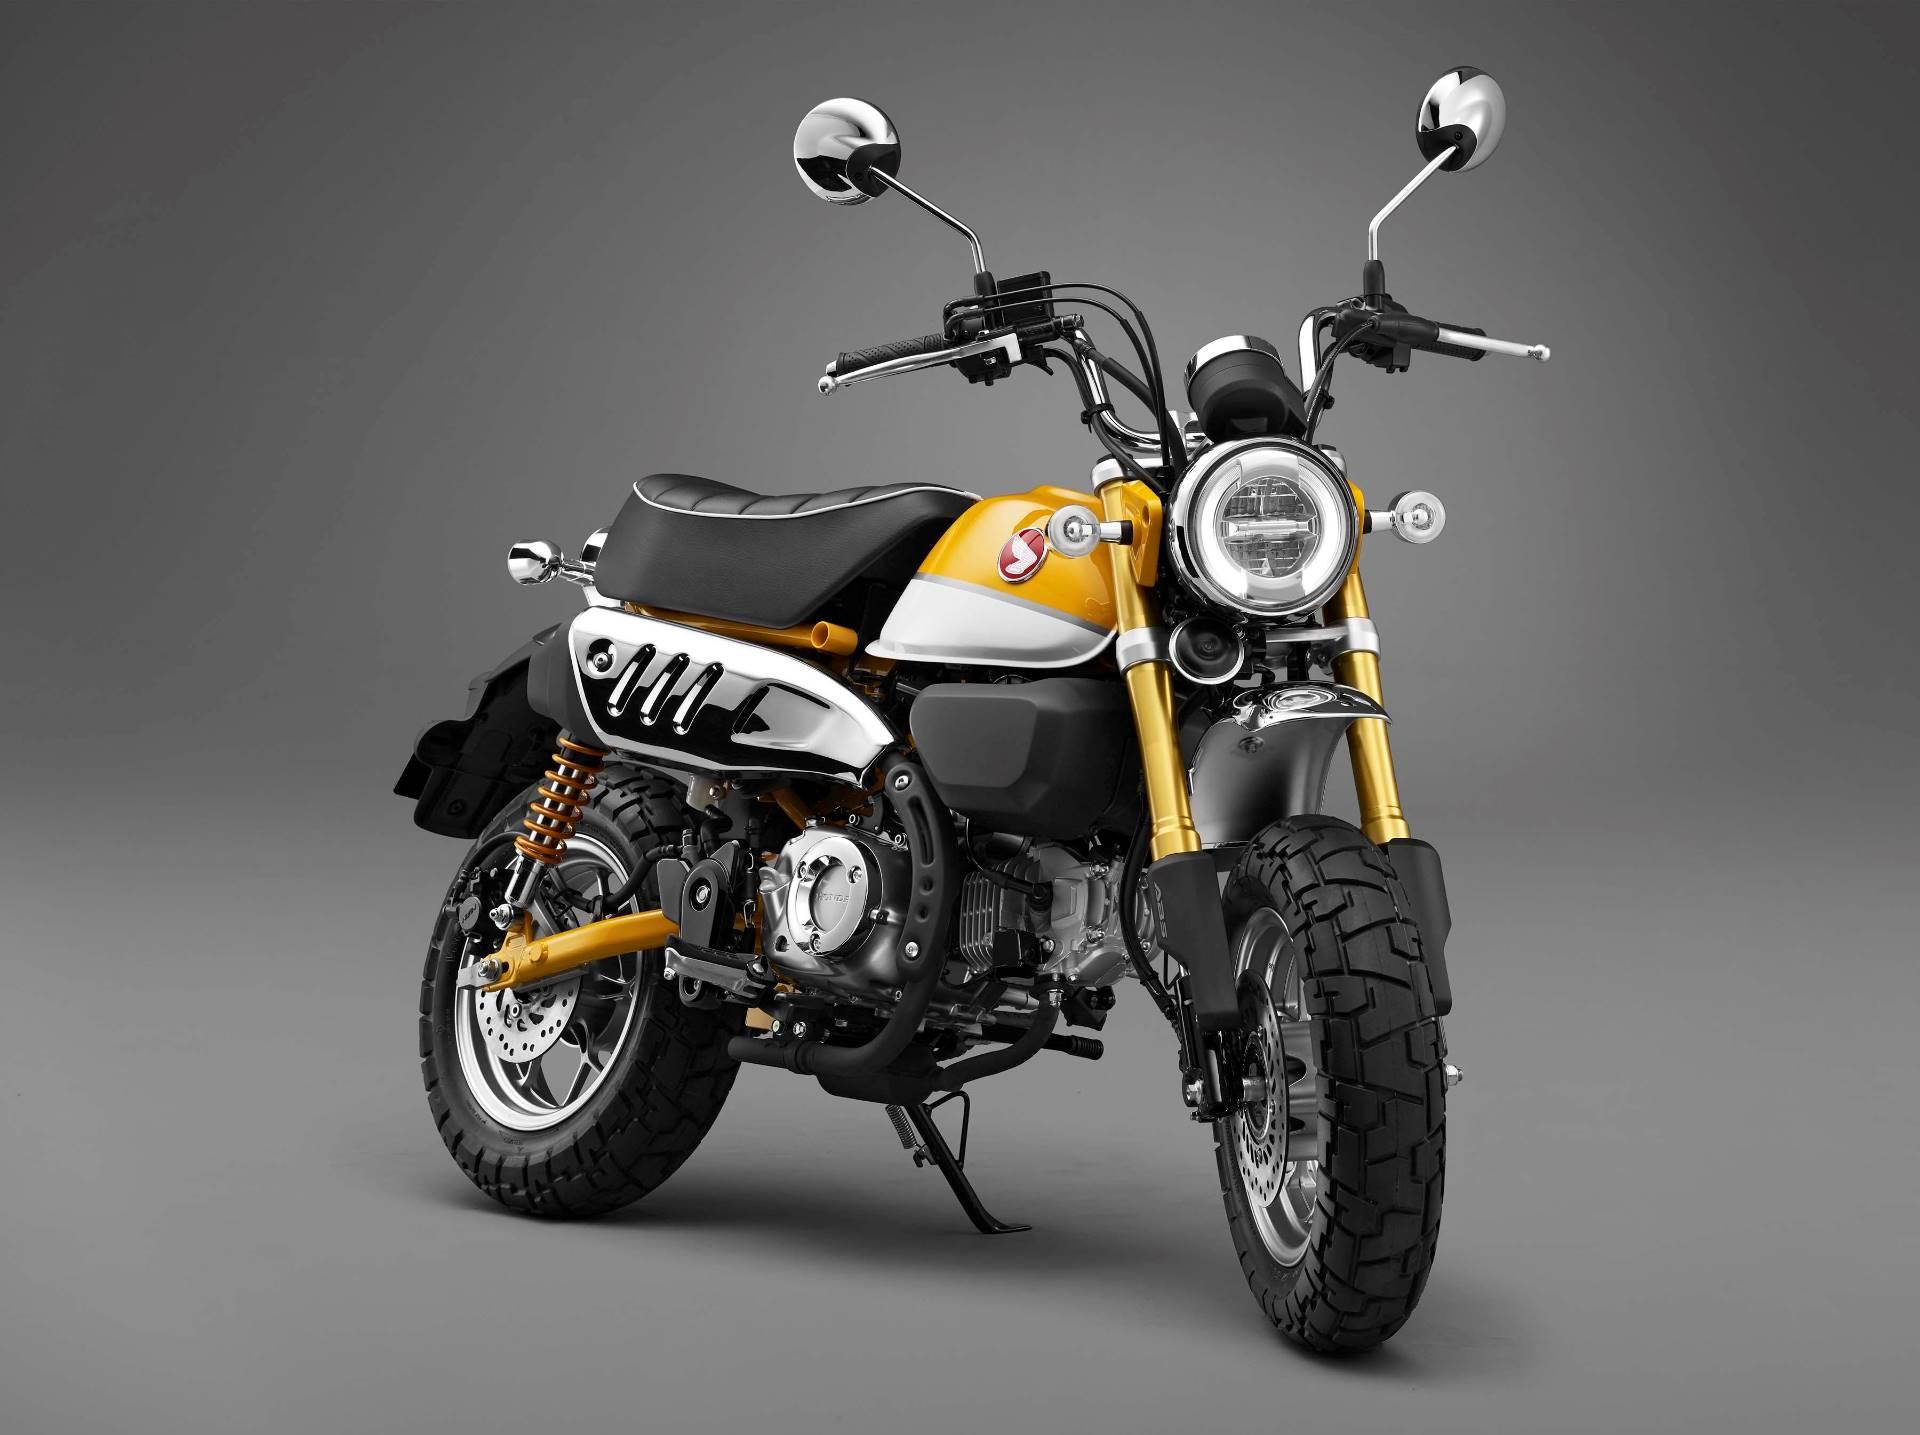 2019 Honda Monkey Motorcycles Marina Del Rey California